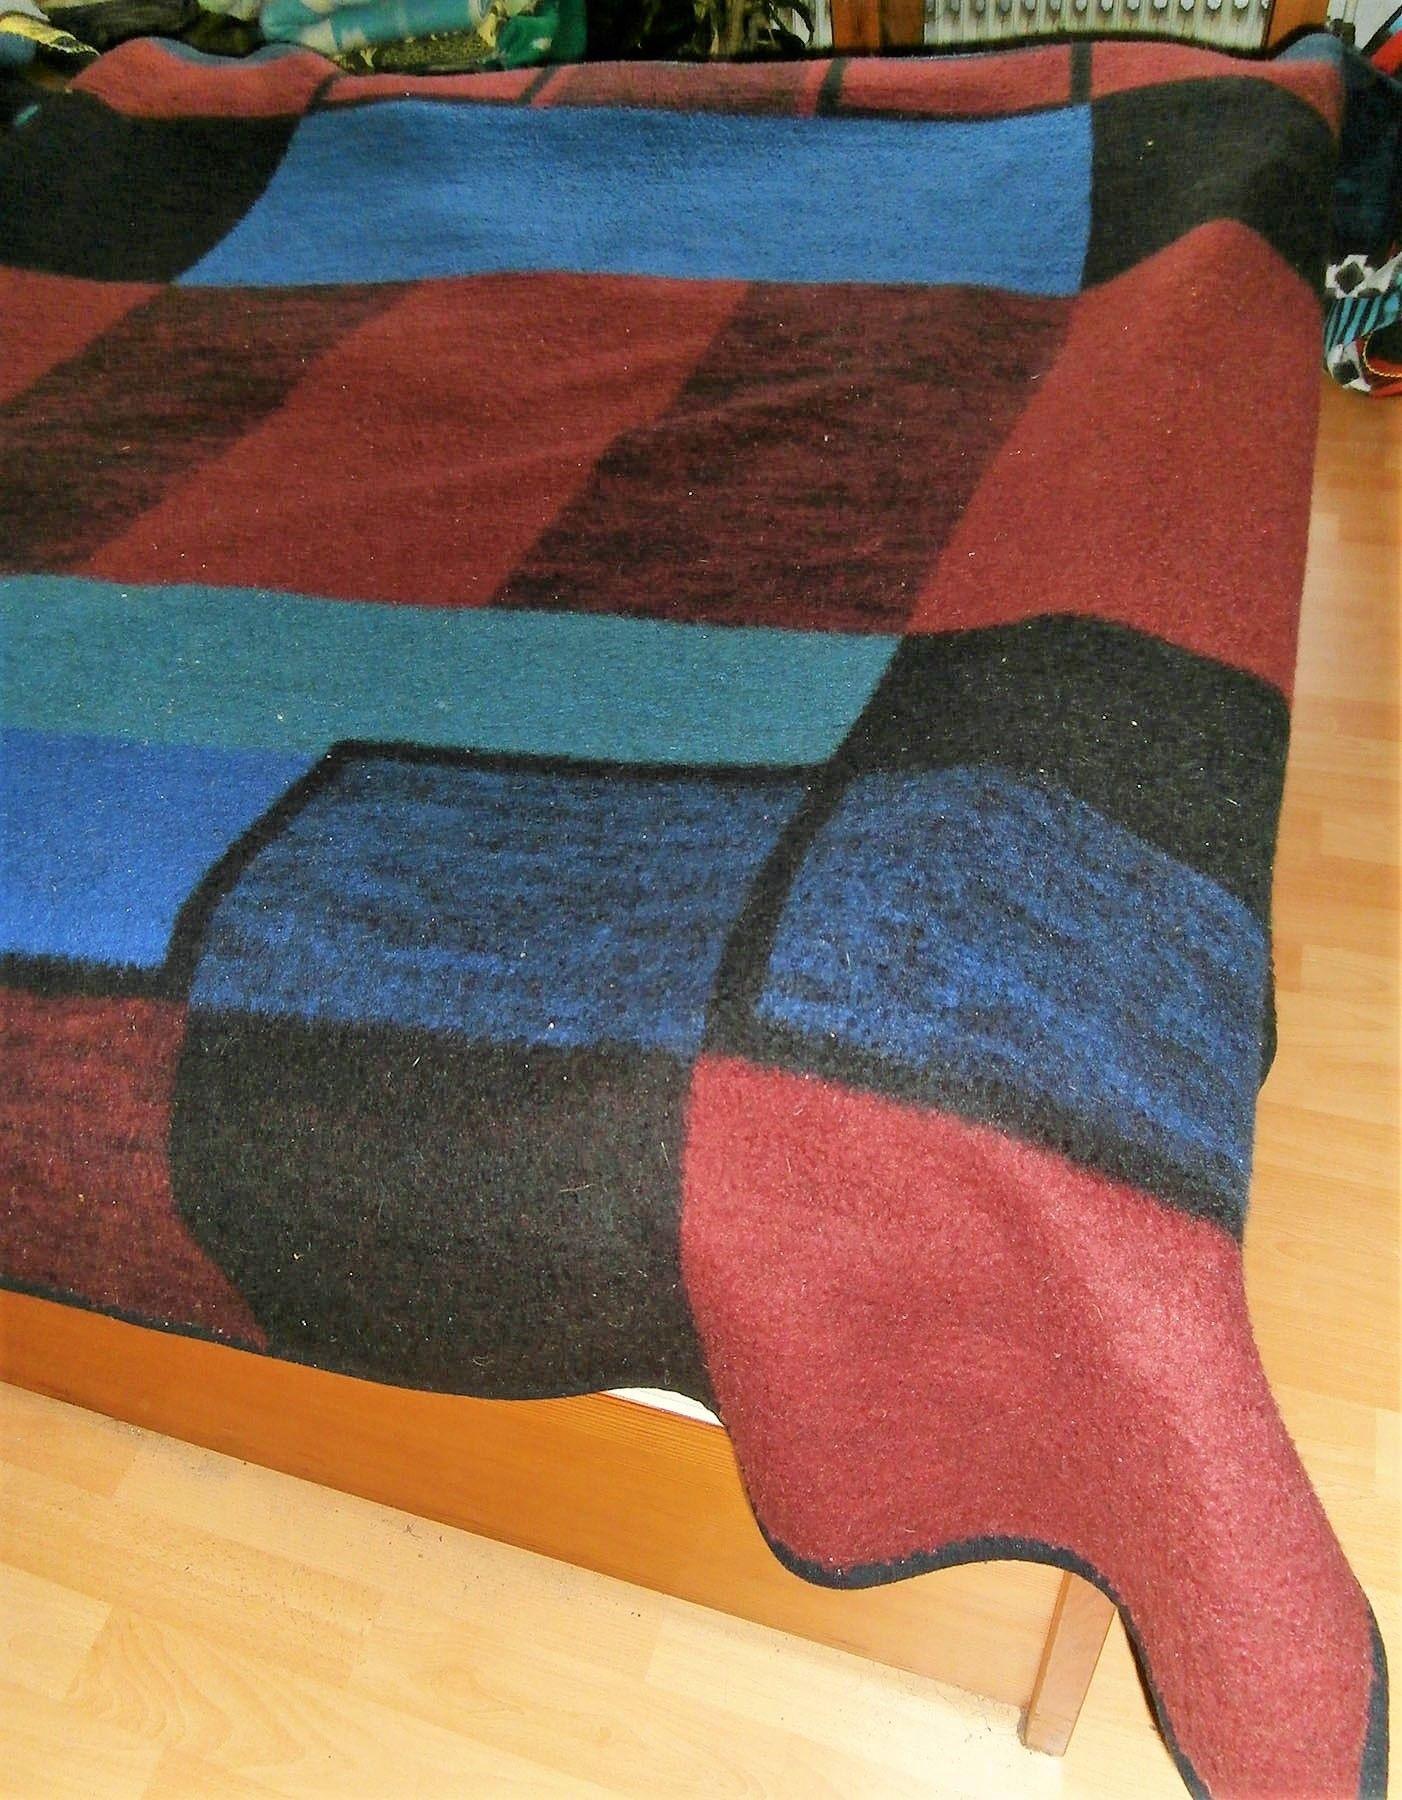 Carblanket Woolblanket Retroblankets Blanketmuseum Woolenblanket 50s 60s Campervan Oudedekens Vintageblanket Vintagedek Wolldecke Flauschig Deckchen